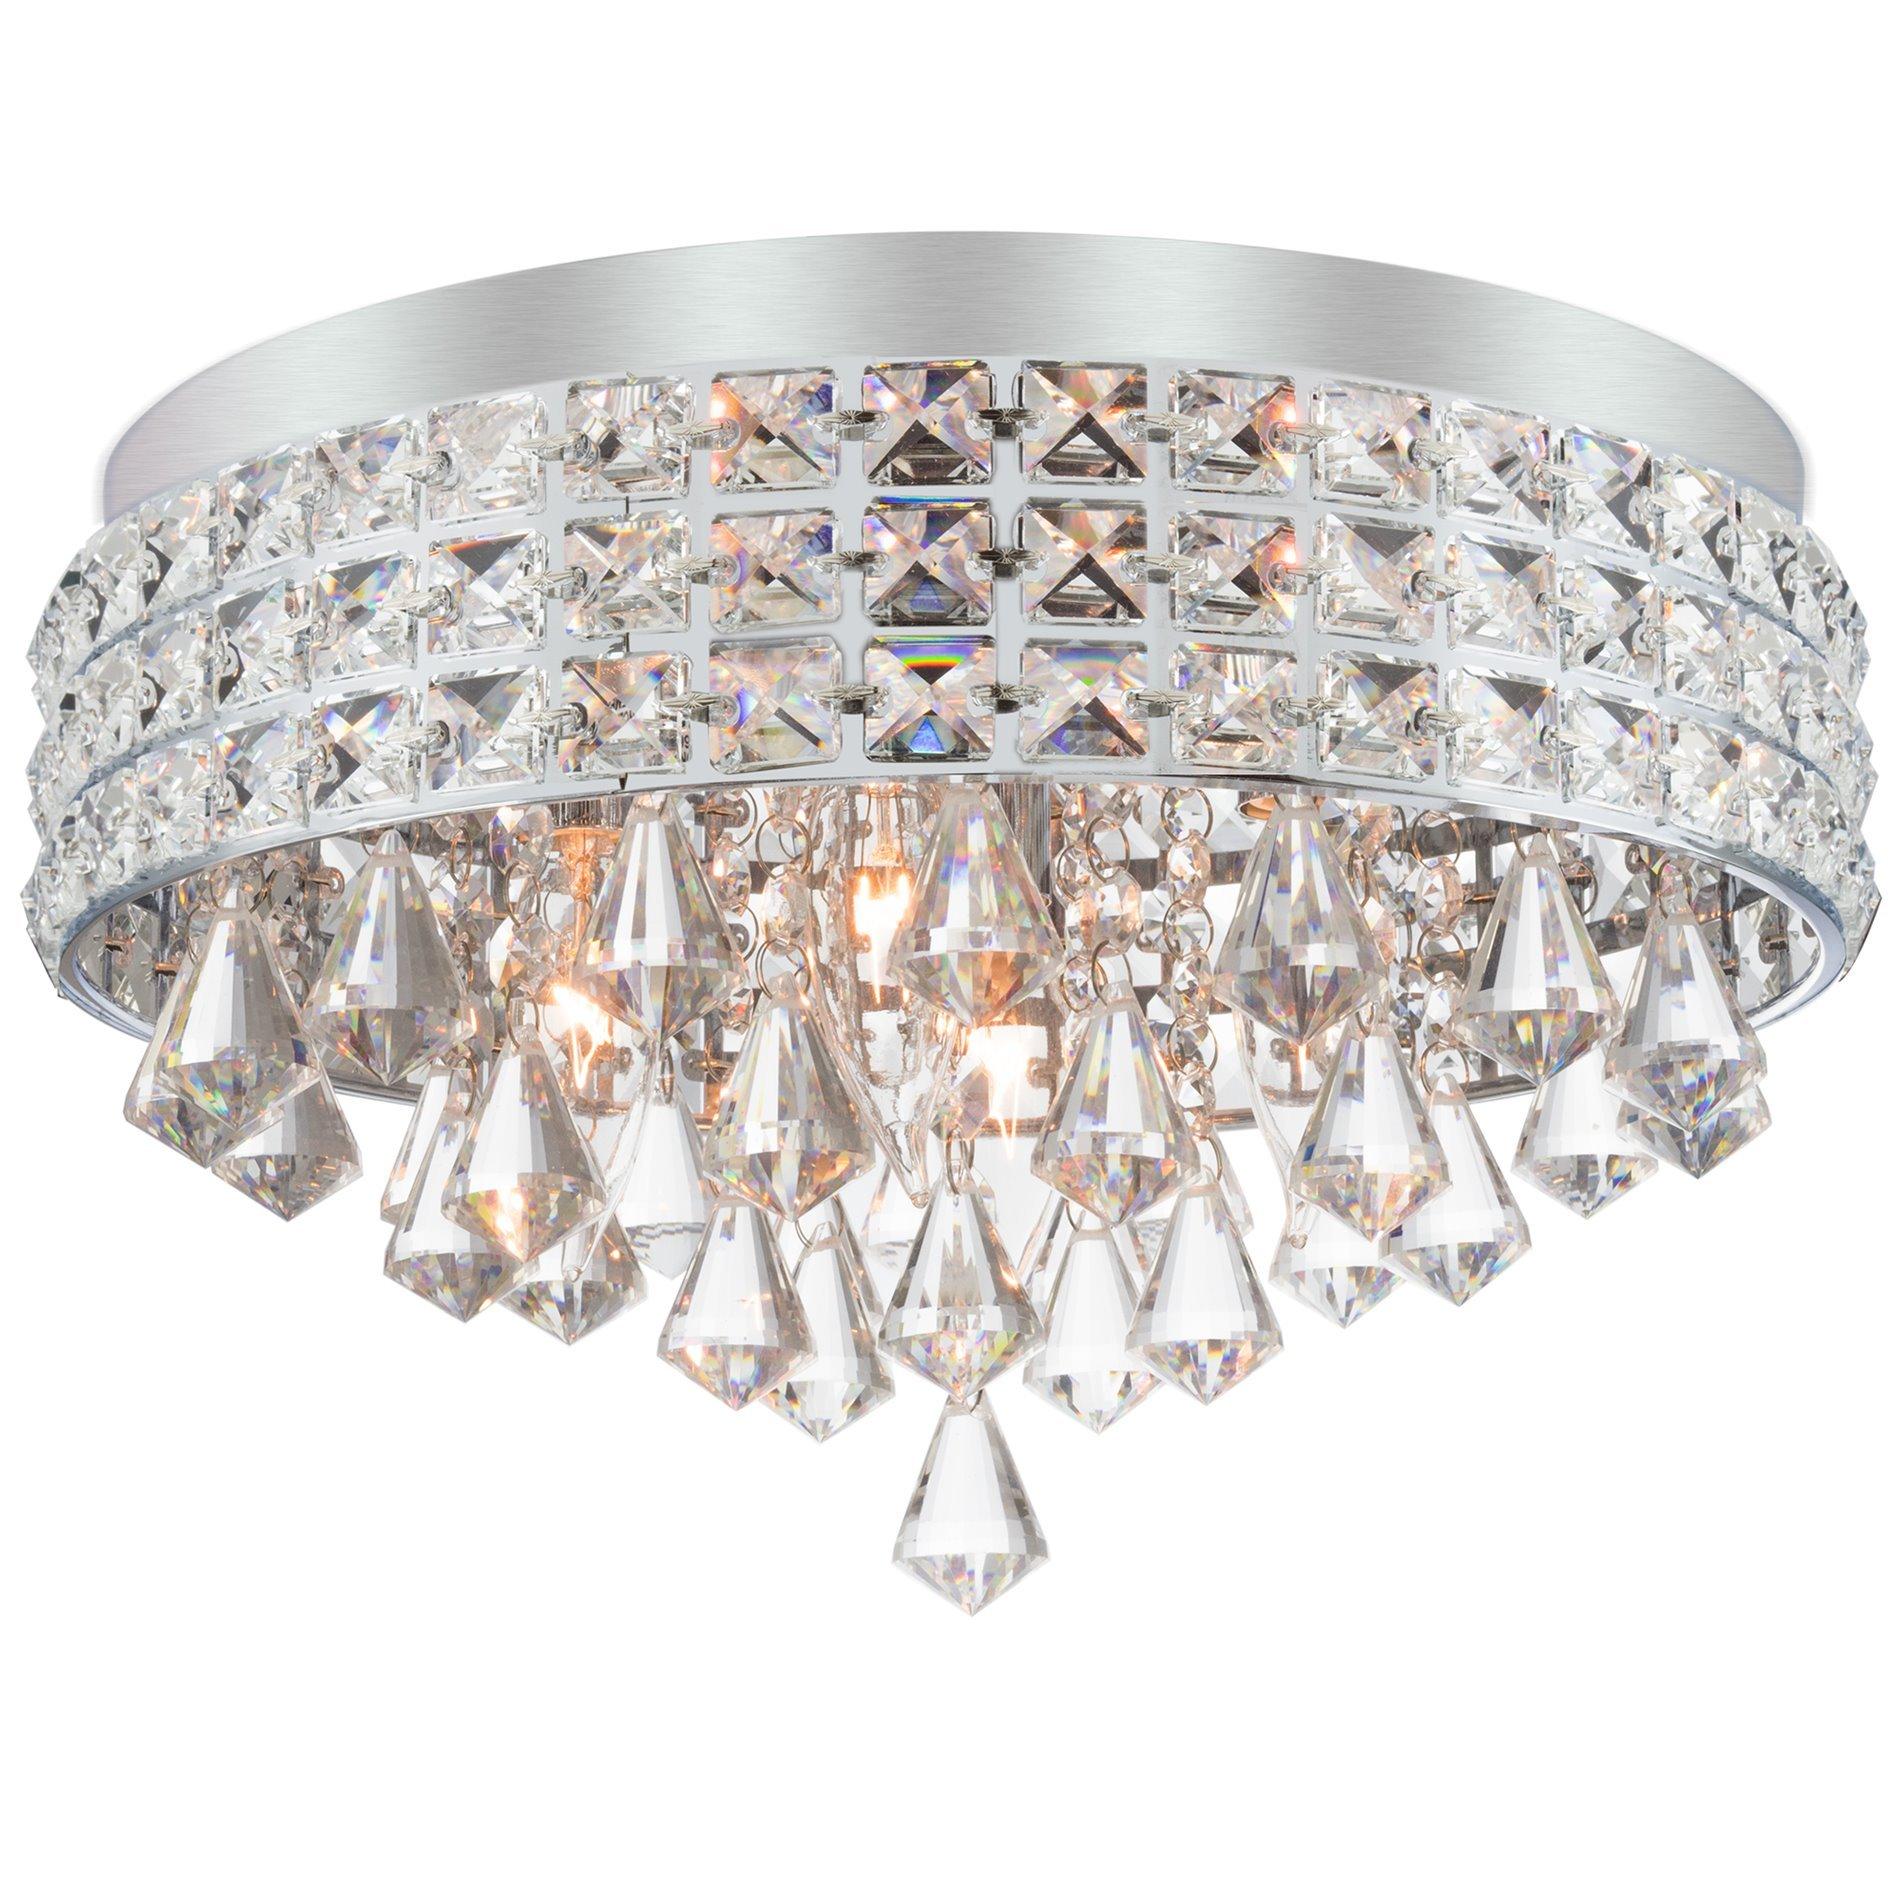 Kira Home Gemma 15'' 4-Light Flush Mount Crystal Chandelier, Brushed Nickel Finish